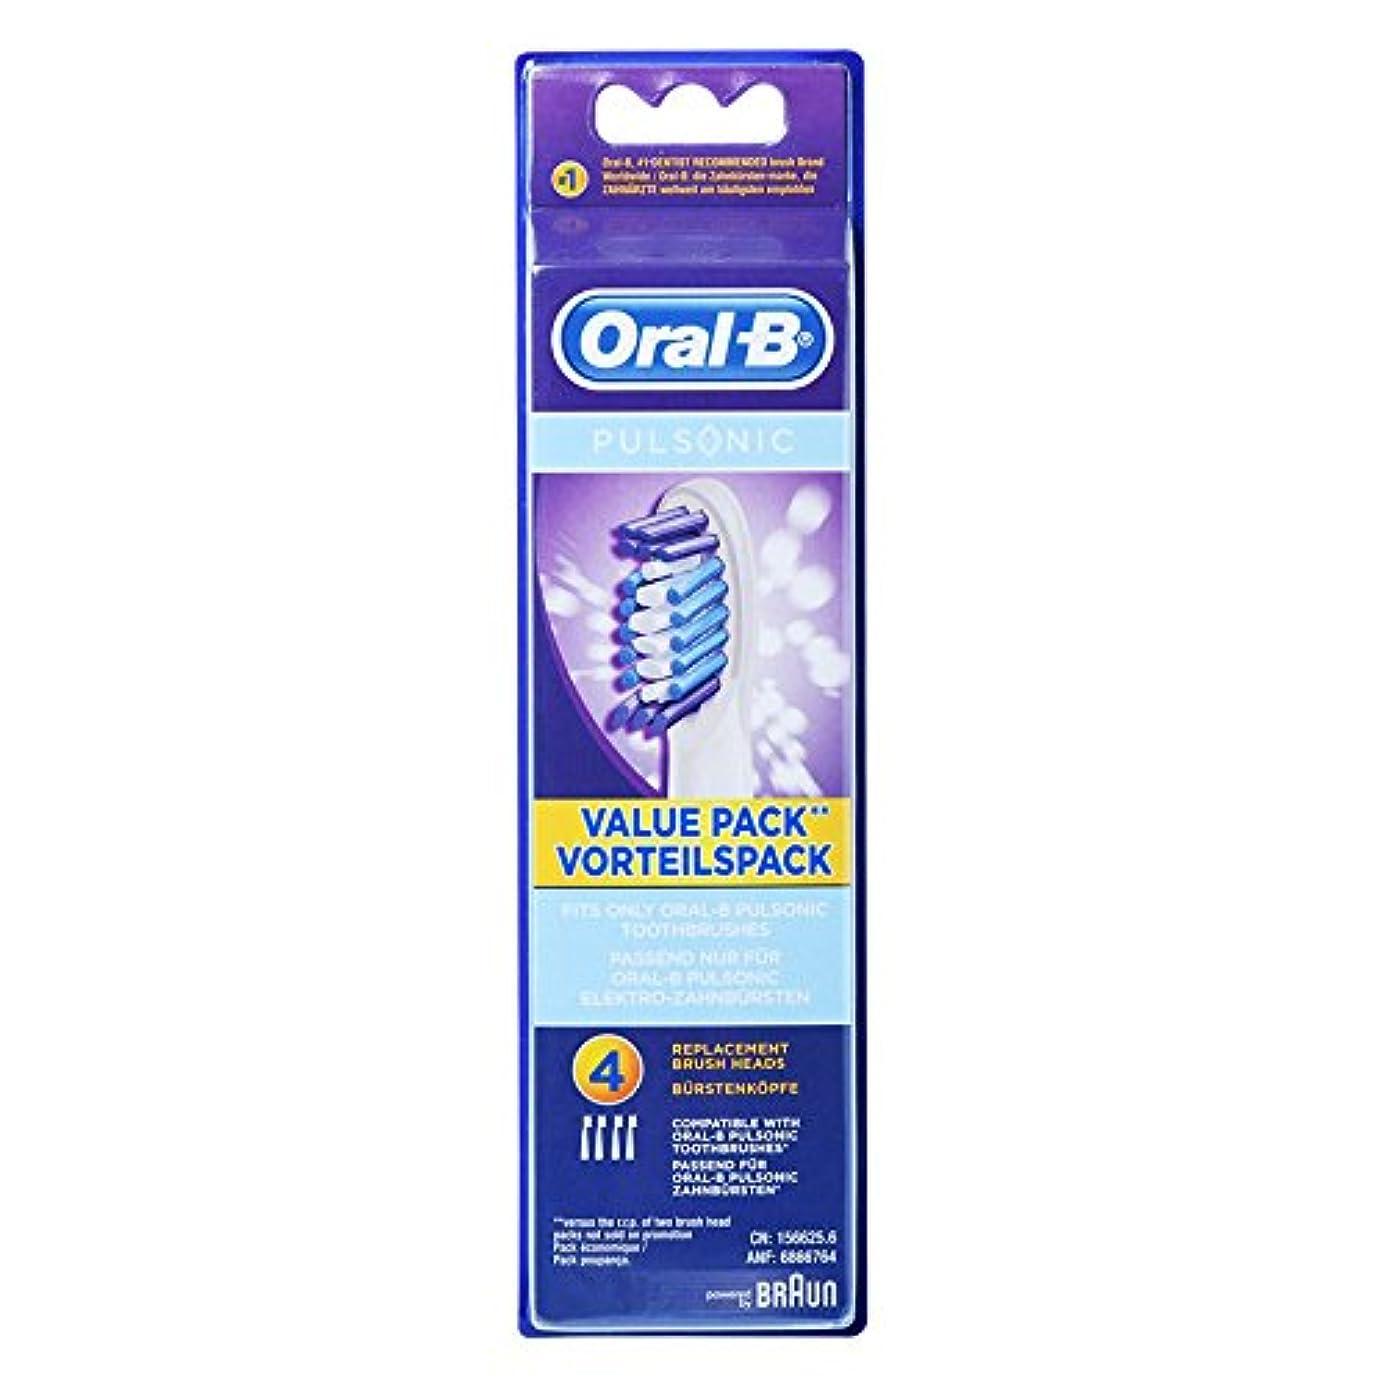 尊敬むしゃむしゃうぬぼれBraun Oral-B SR32-4 Pulsonic Value Pack 交換用ブラシヘッド 1Pack [並行輸入品]